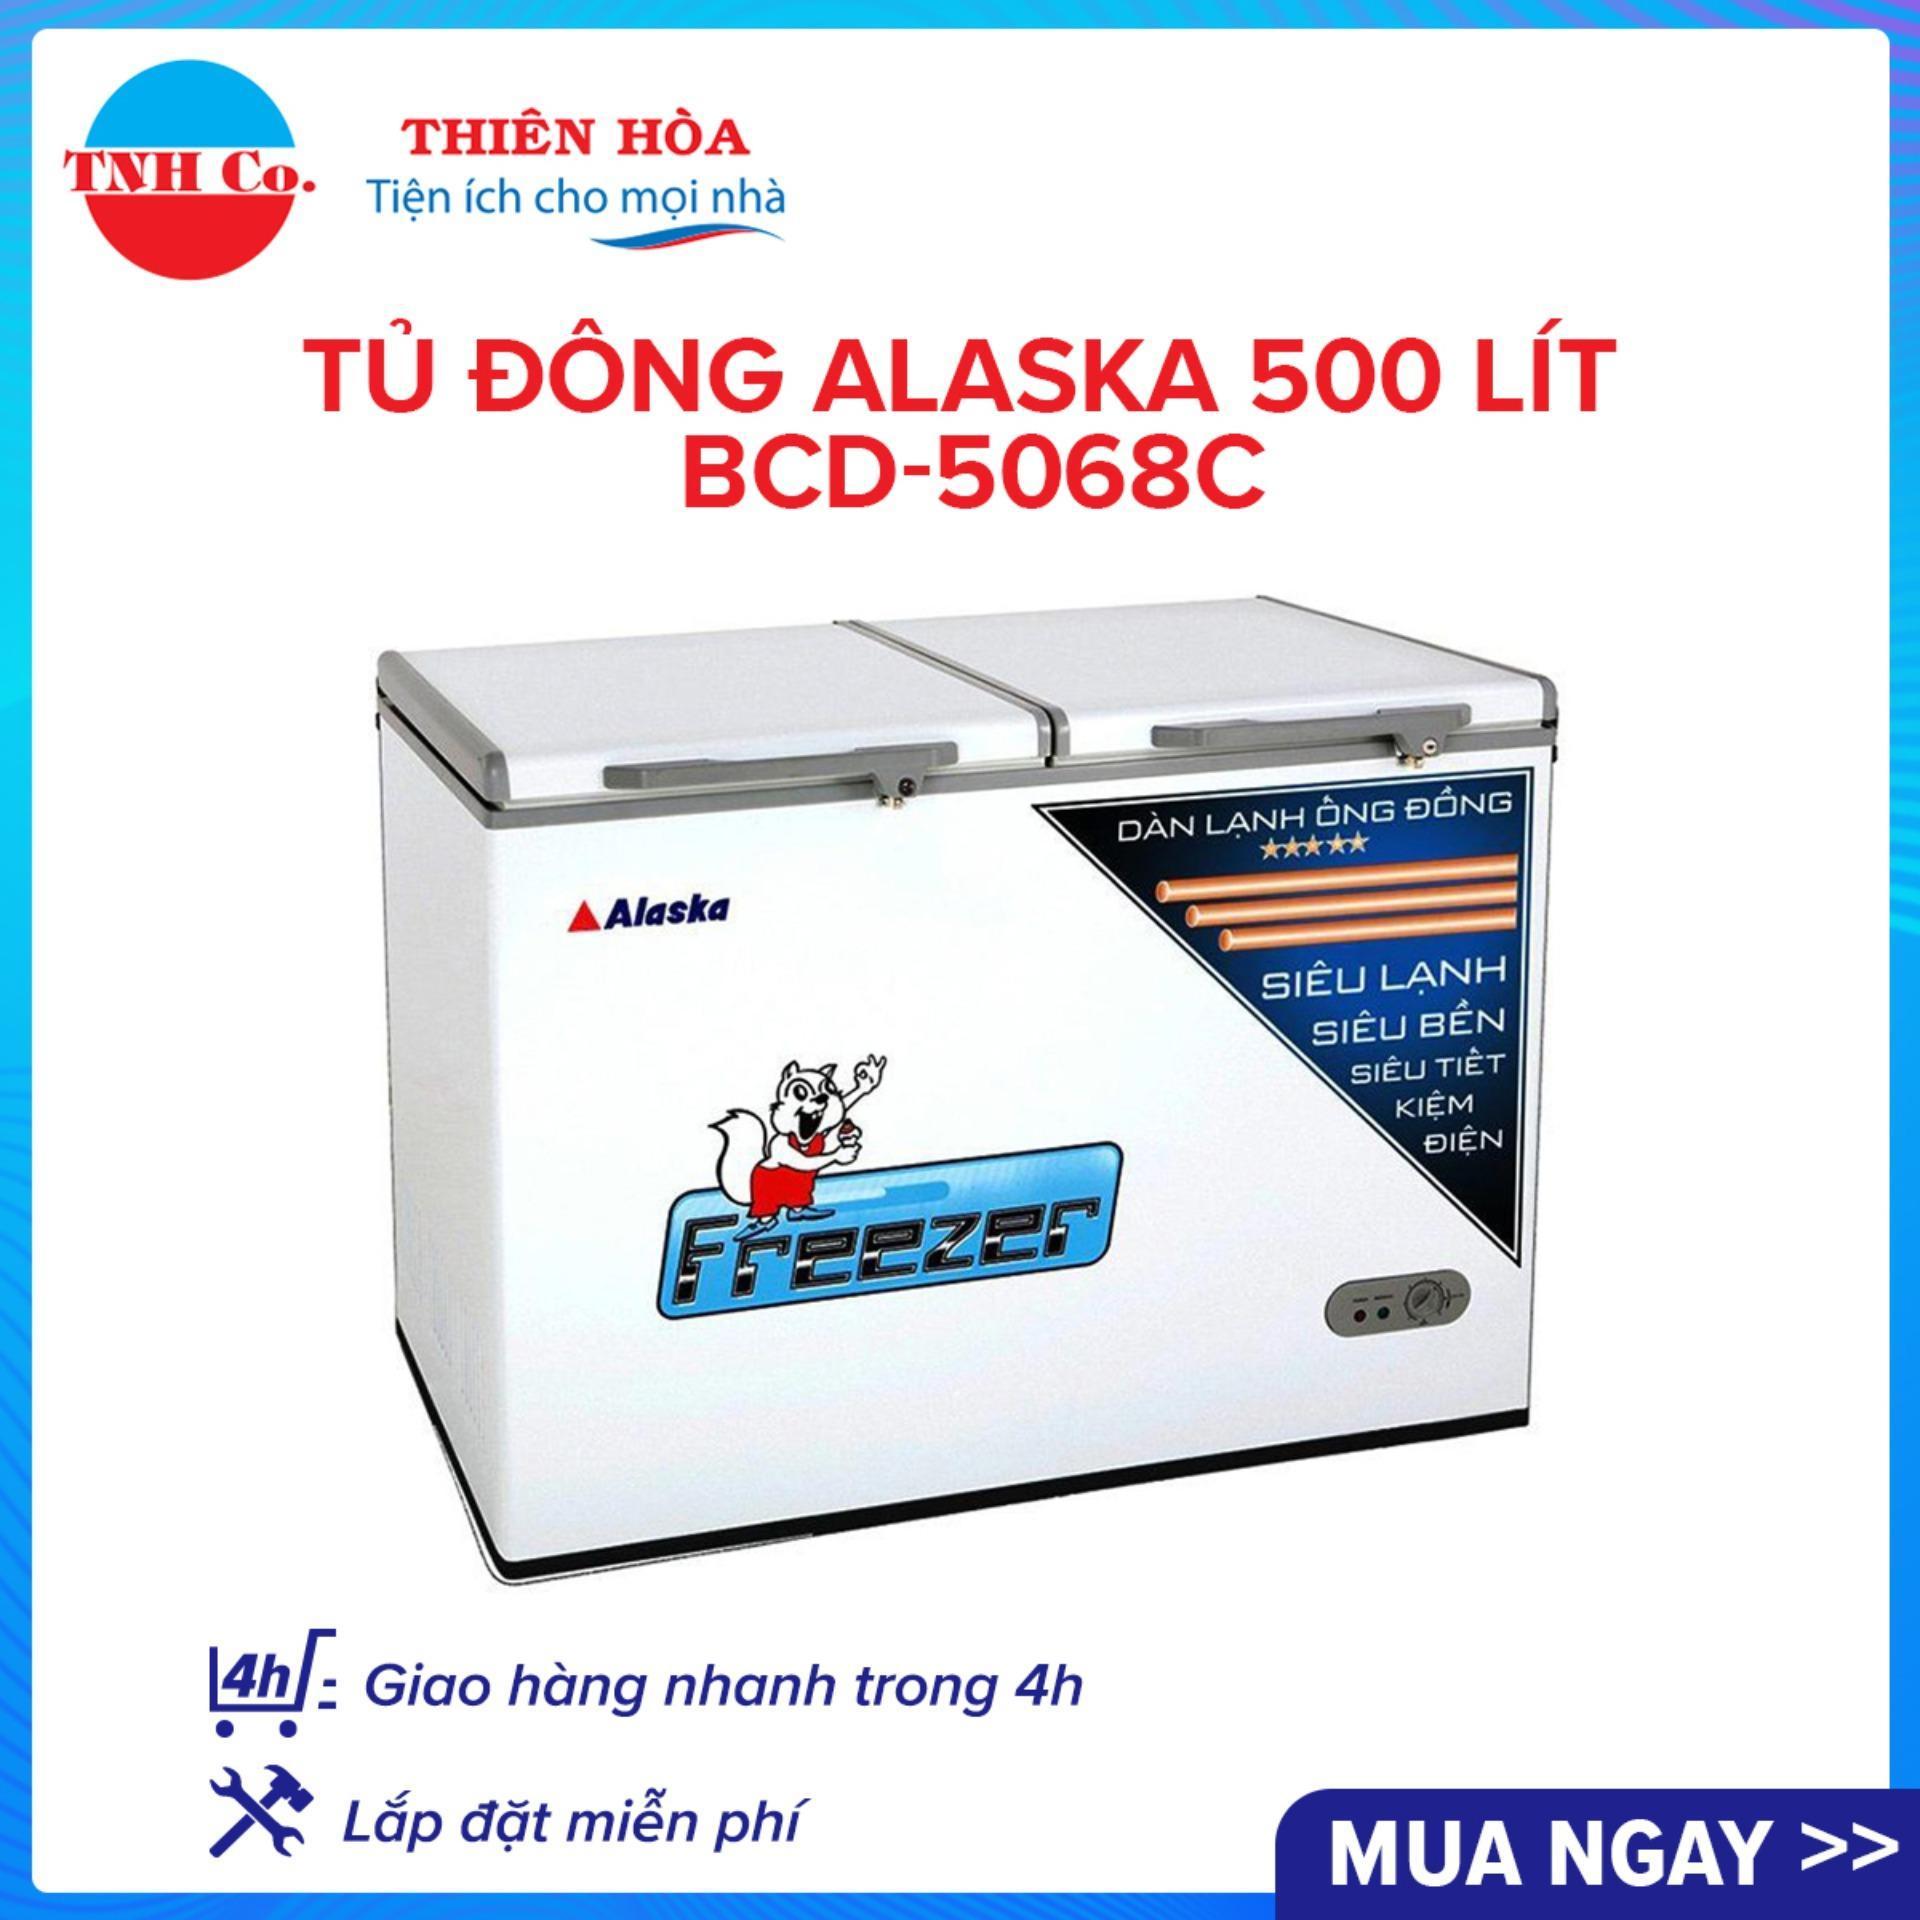 Tủ đông Alaska 500 lít BCD-5068C